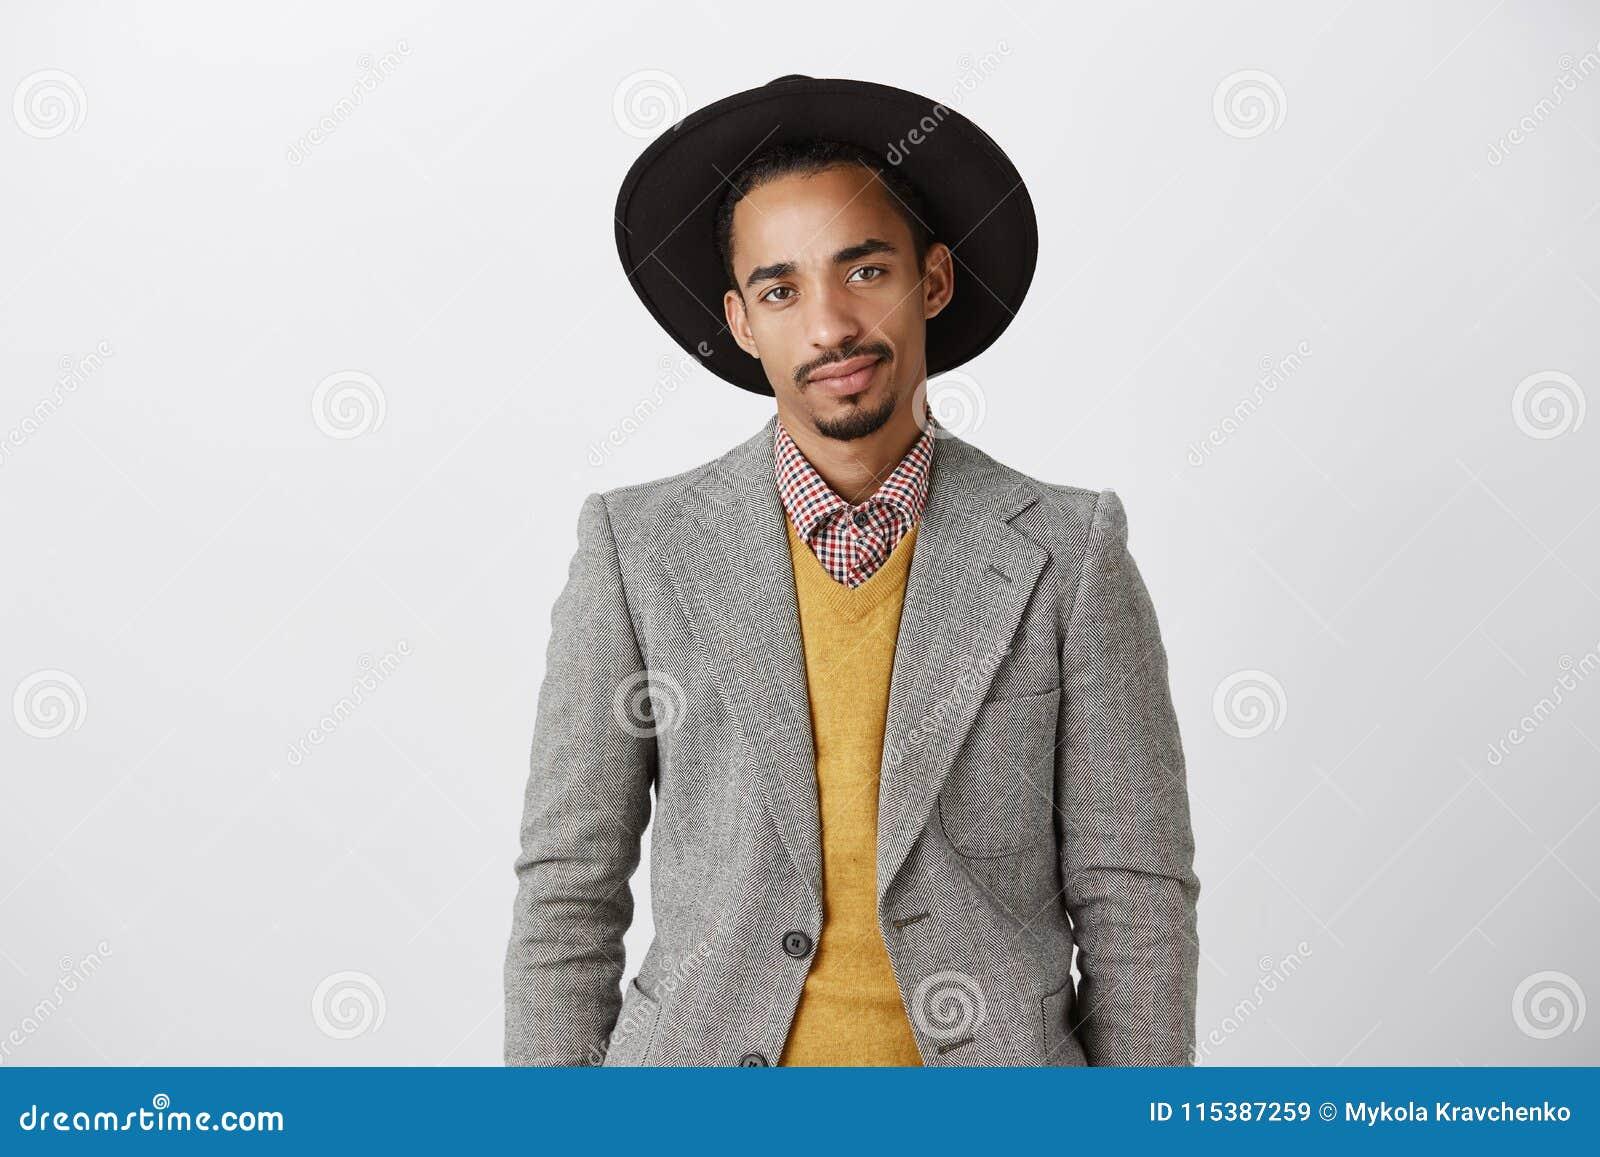 El individuo es levemente intenso durante entrevista Retrato del afroamericano hermoso serio en chaqueta de moda y sombrero negro